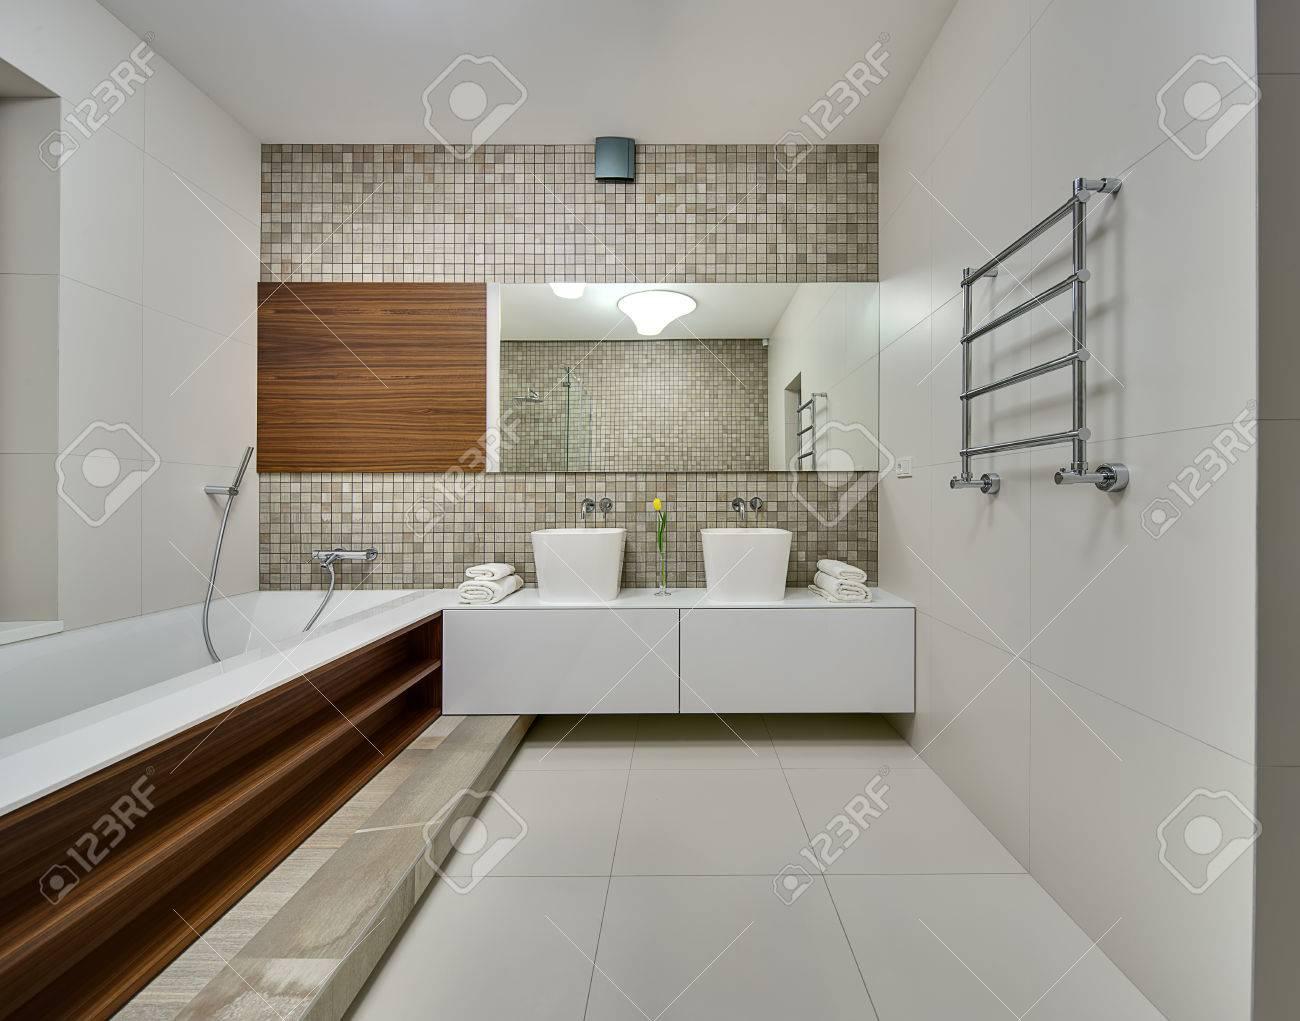 trendy simple trendy azulejo azulejos bao blanco bao en un estilo moderno con azulejos claros en with azulejos de bao modernos with azulejos de bao modernos - Azulejos De Bao Modernos